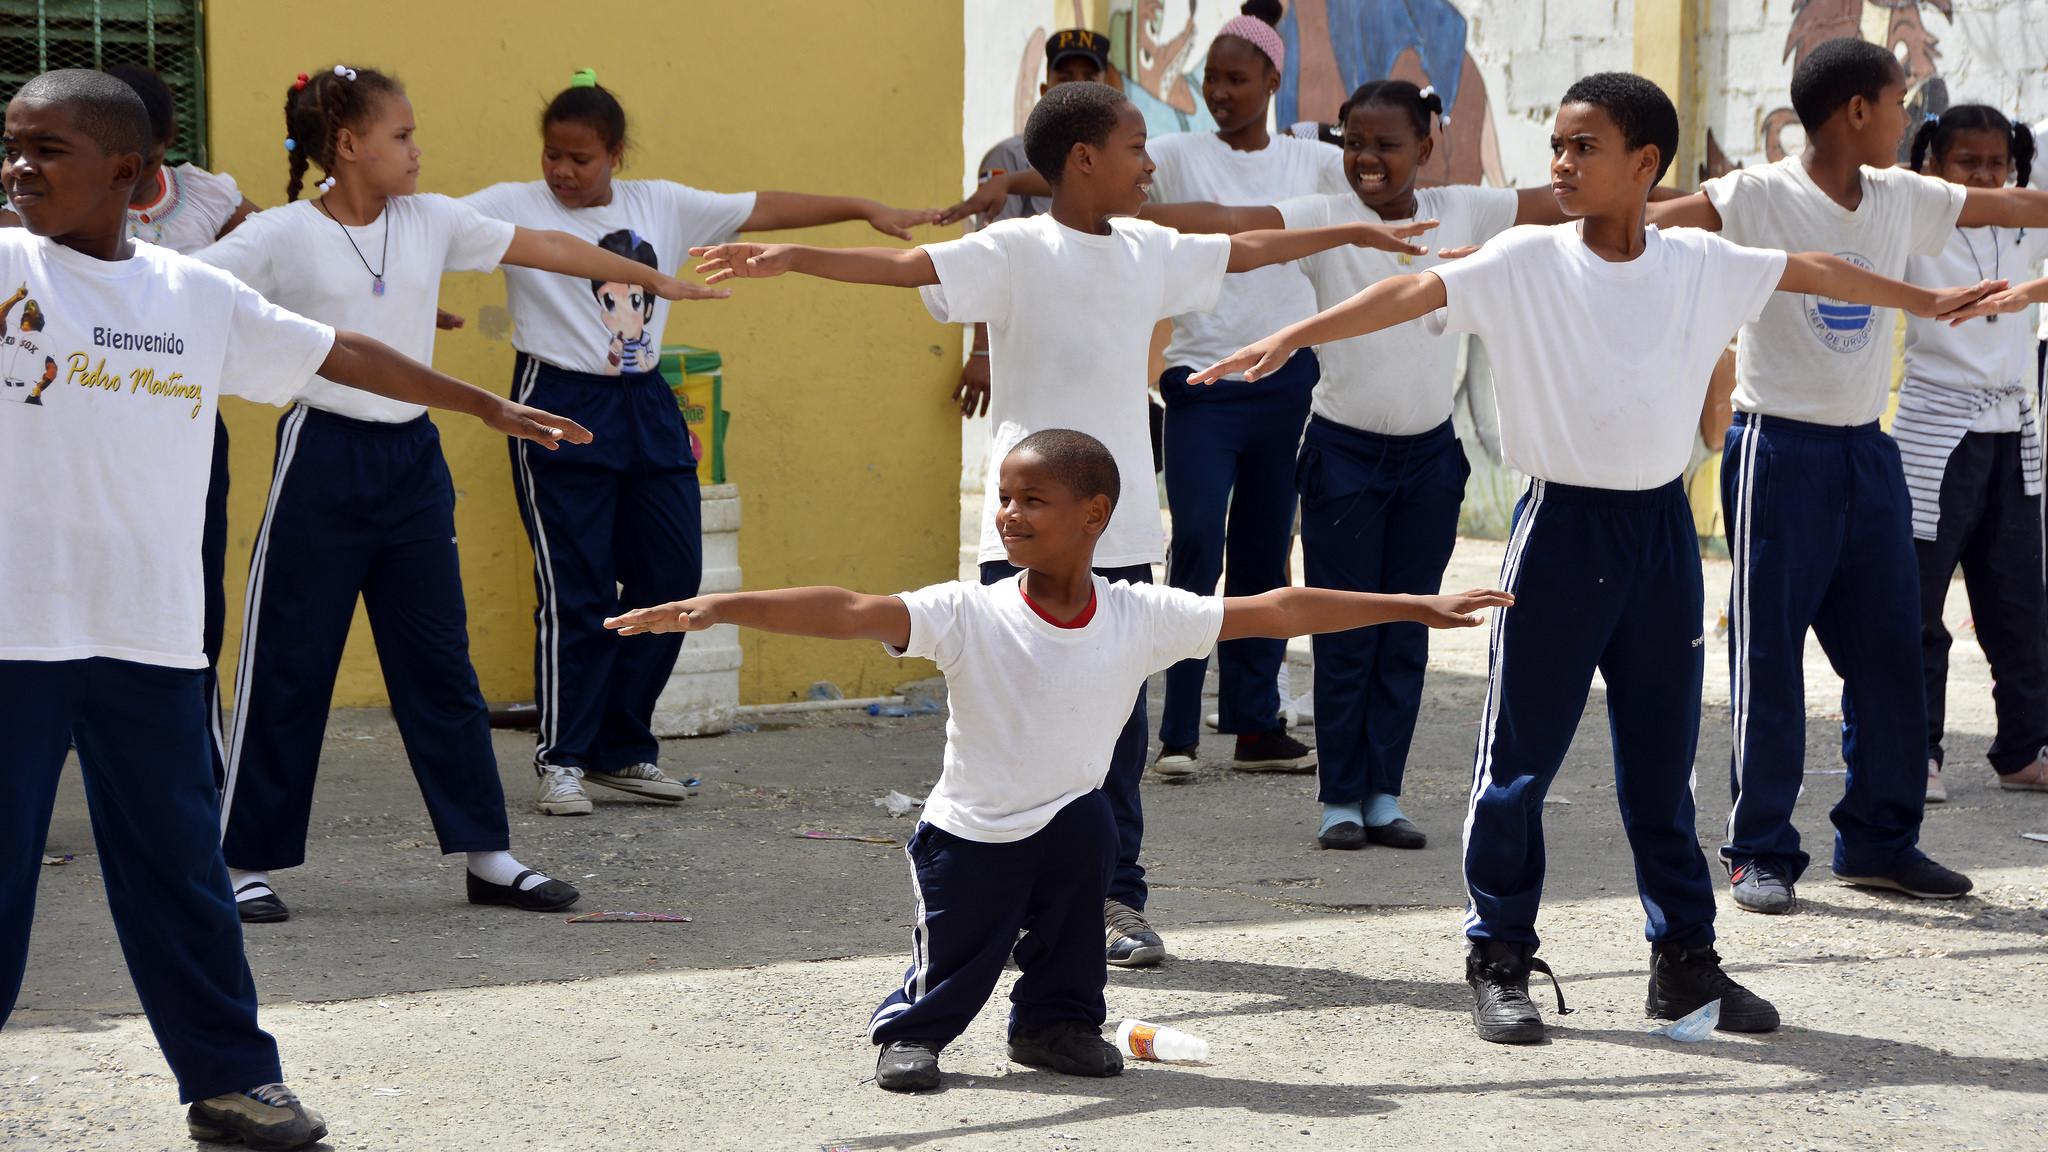 Escuelas públicas acogen a niños con discapacidad